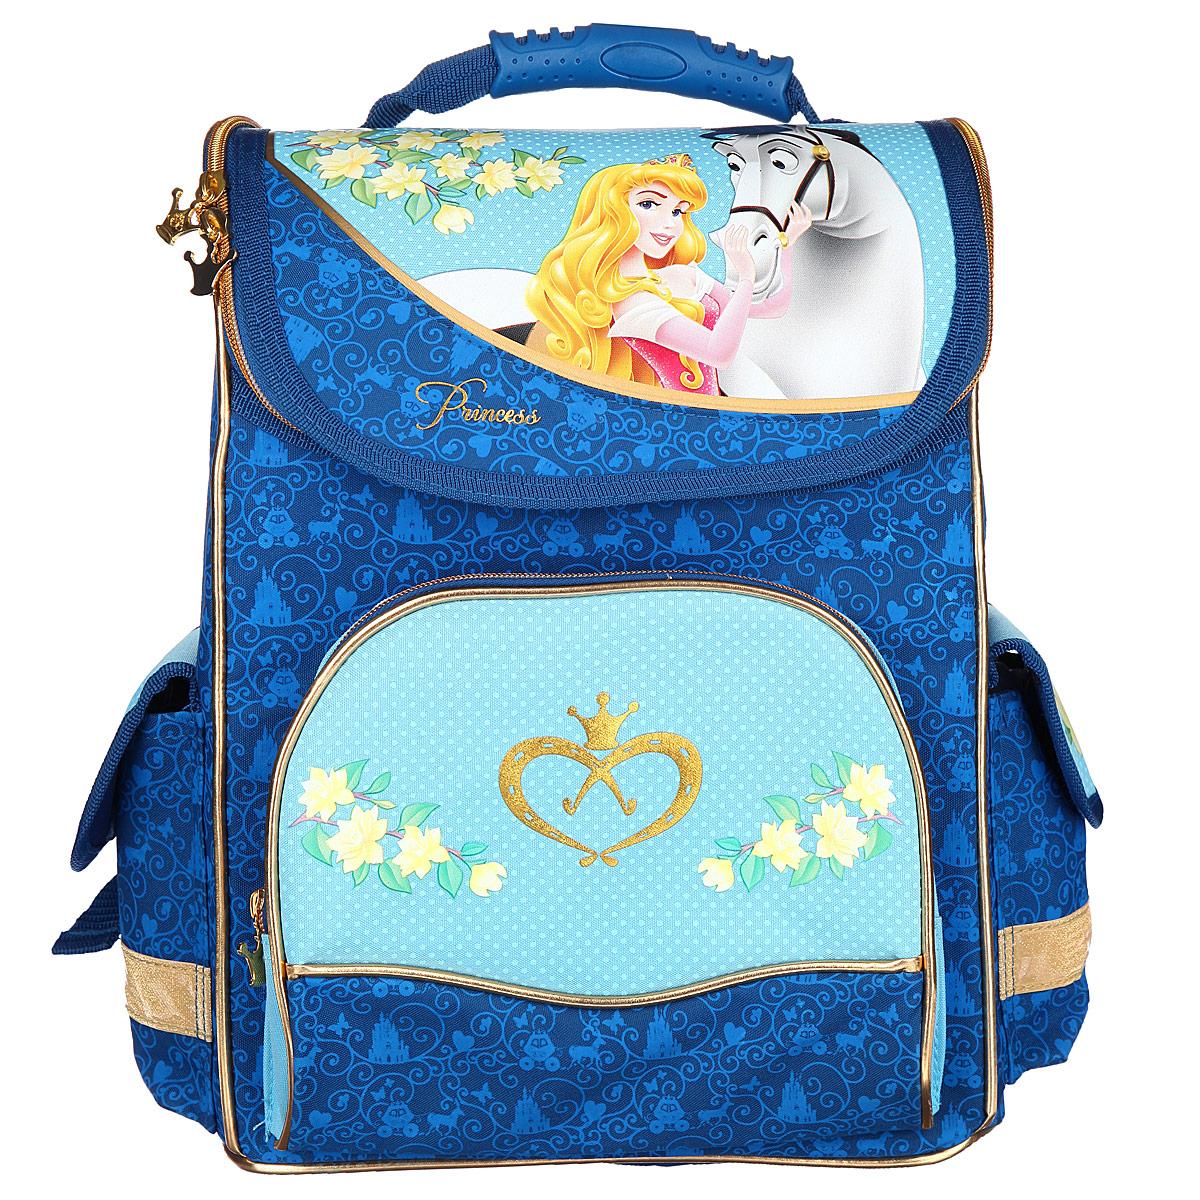 Ранец школьный Disney Princess Волшебные лошади, цвет: синий, голубой22564Ранец школьный Disney Princess Волшебные лошади обязательно привлечет внимание вашей школьницы. Ранец выполнен из водонепроницаемого и износоустойчивого материала синего и голубого цветов и оформлен изображением принцессы и милой лошадки. Содержит одно вместительное отделение, закрывающееся на застежку-молнию с двумя бегунками. Бегунки застежки дополнены металлическими держателями в виде короны. Внутри отделения имеются две мягкие перегородки для тетрадей или учебников, фиксирующиеся резинкой. Также имеется прорезной карман на молнии. По бокам находятся два вертикальных отделения на липучках. Под крышкой ранца находится прозрачный пластиковый кармашек, который можно использовать для данных о владельце. Ранец имеет два боковых накладных кармана на липучках. Лицевая сторона ранца оснащена накладным карманом на застежке-молнии. Полужесткий каркас позволяет ранцу не деформироваться. Конструкция спинки дополнена эргономичными подушечками, противоскользящей...